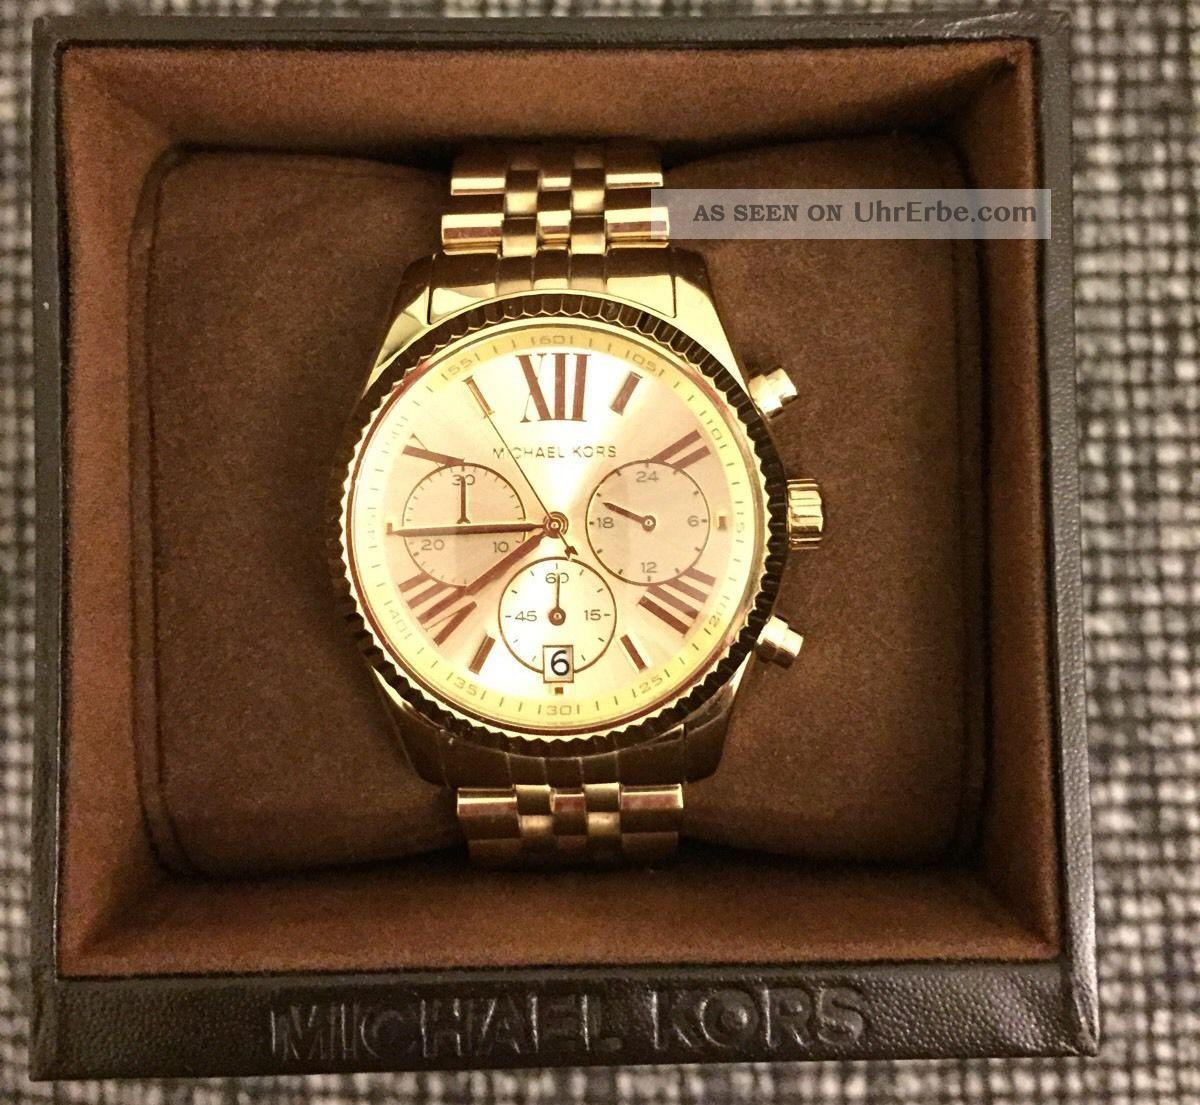 Michael Kors Mk5556 Armbanduhr Uhr Chronograph Modell